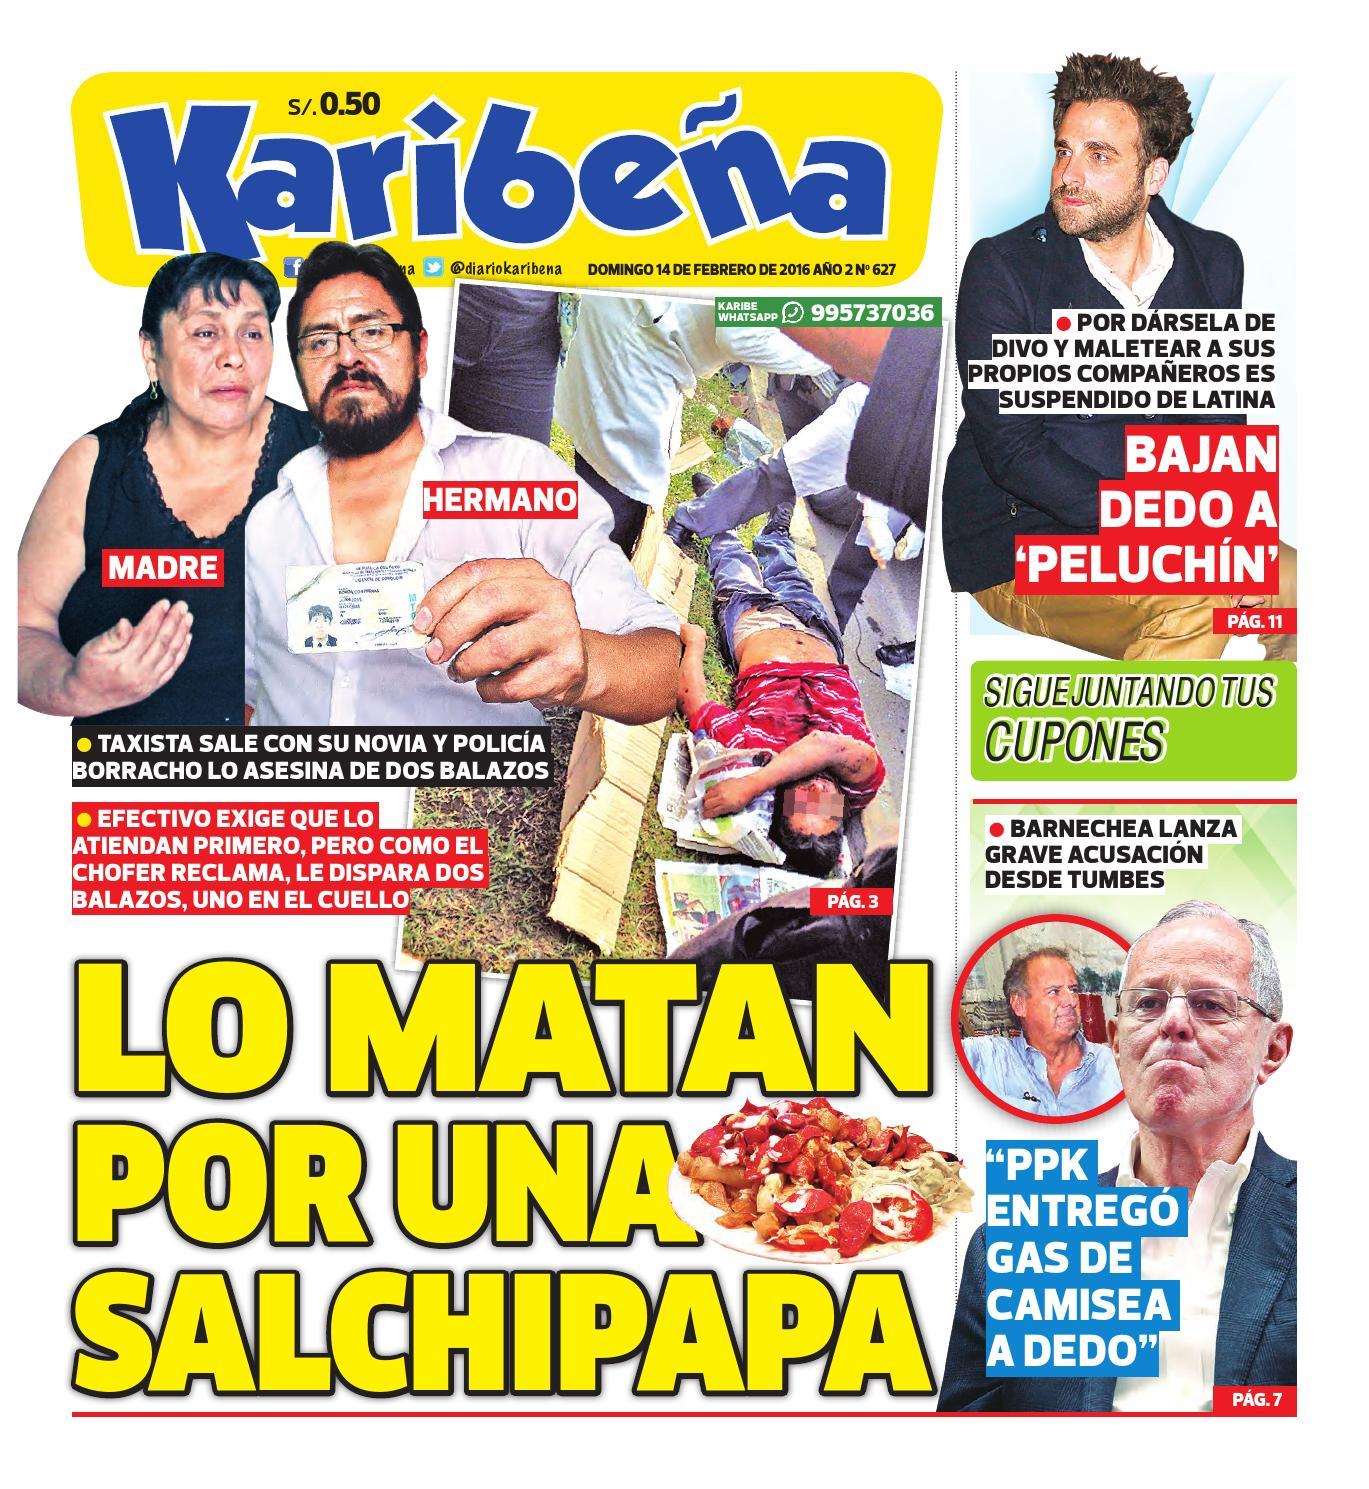 Diario Karibeña by Corporación Universal - Ediciones